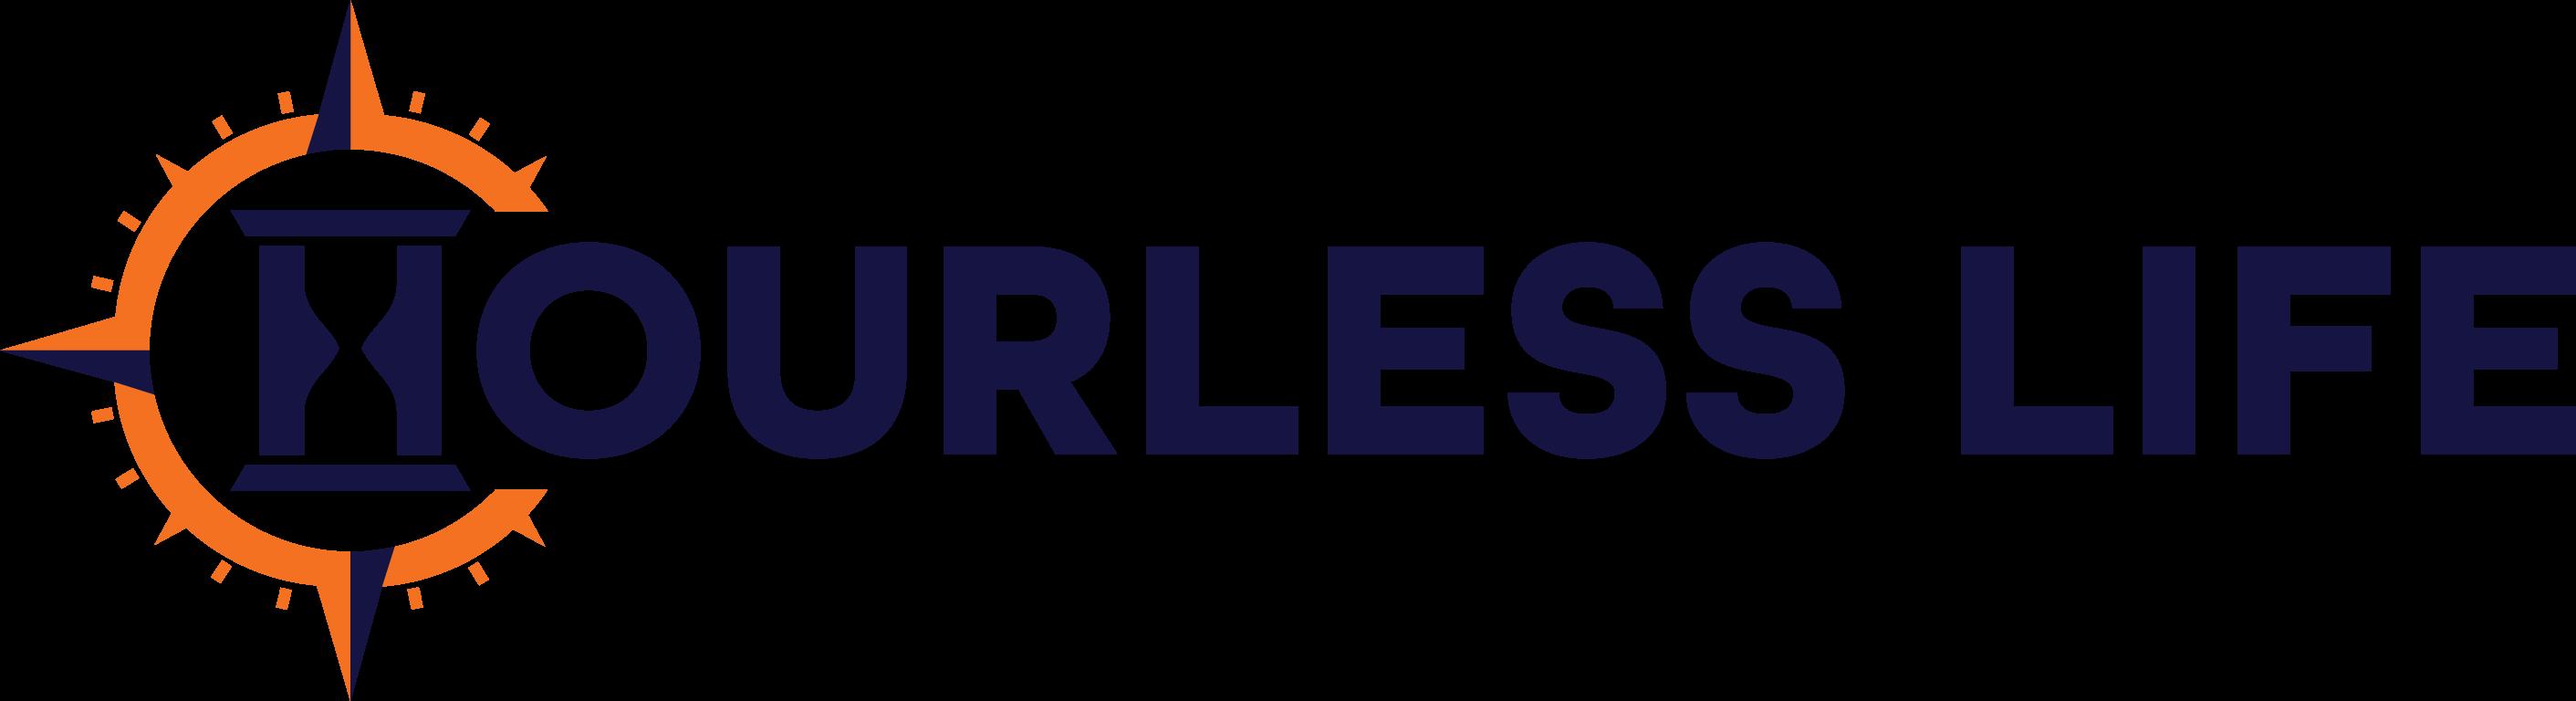 Hourless Life Logo Transparent